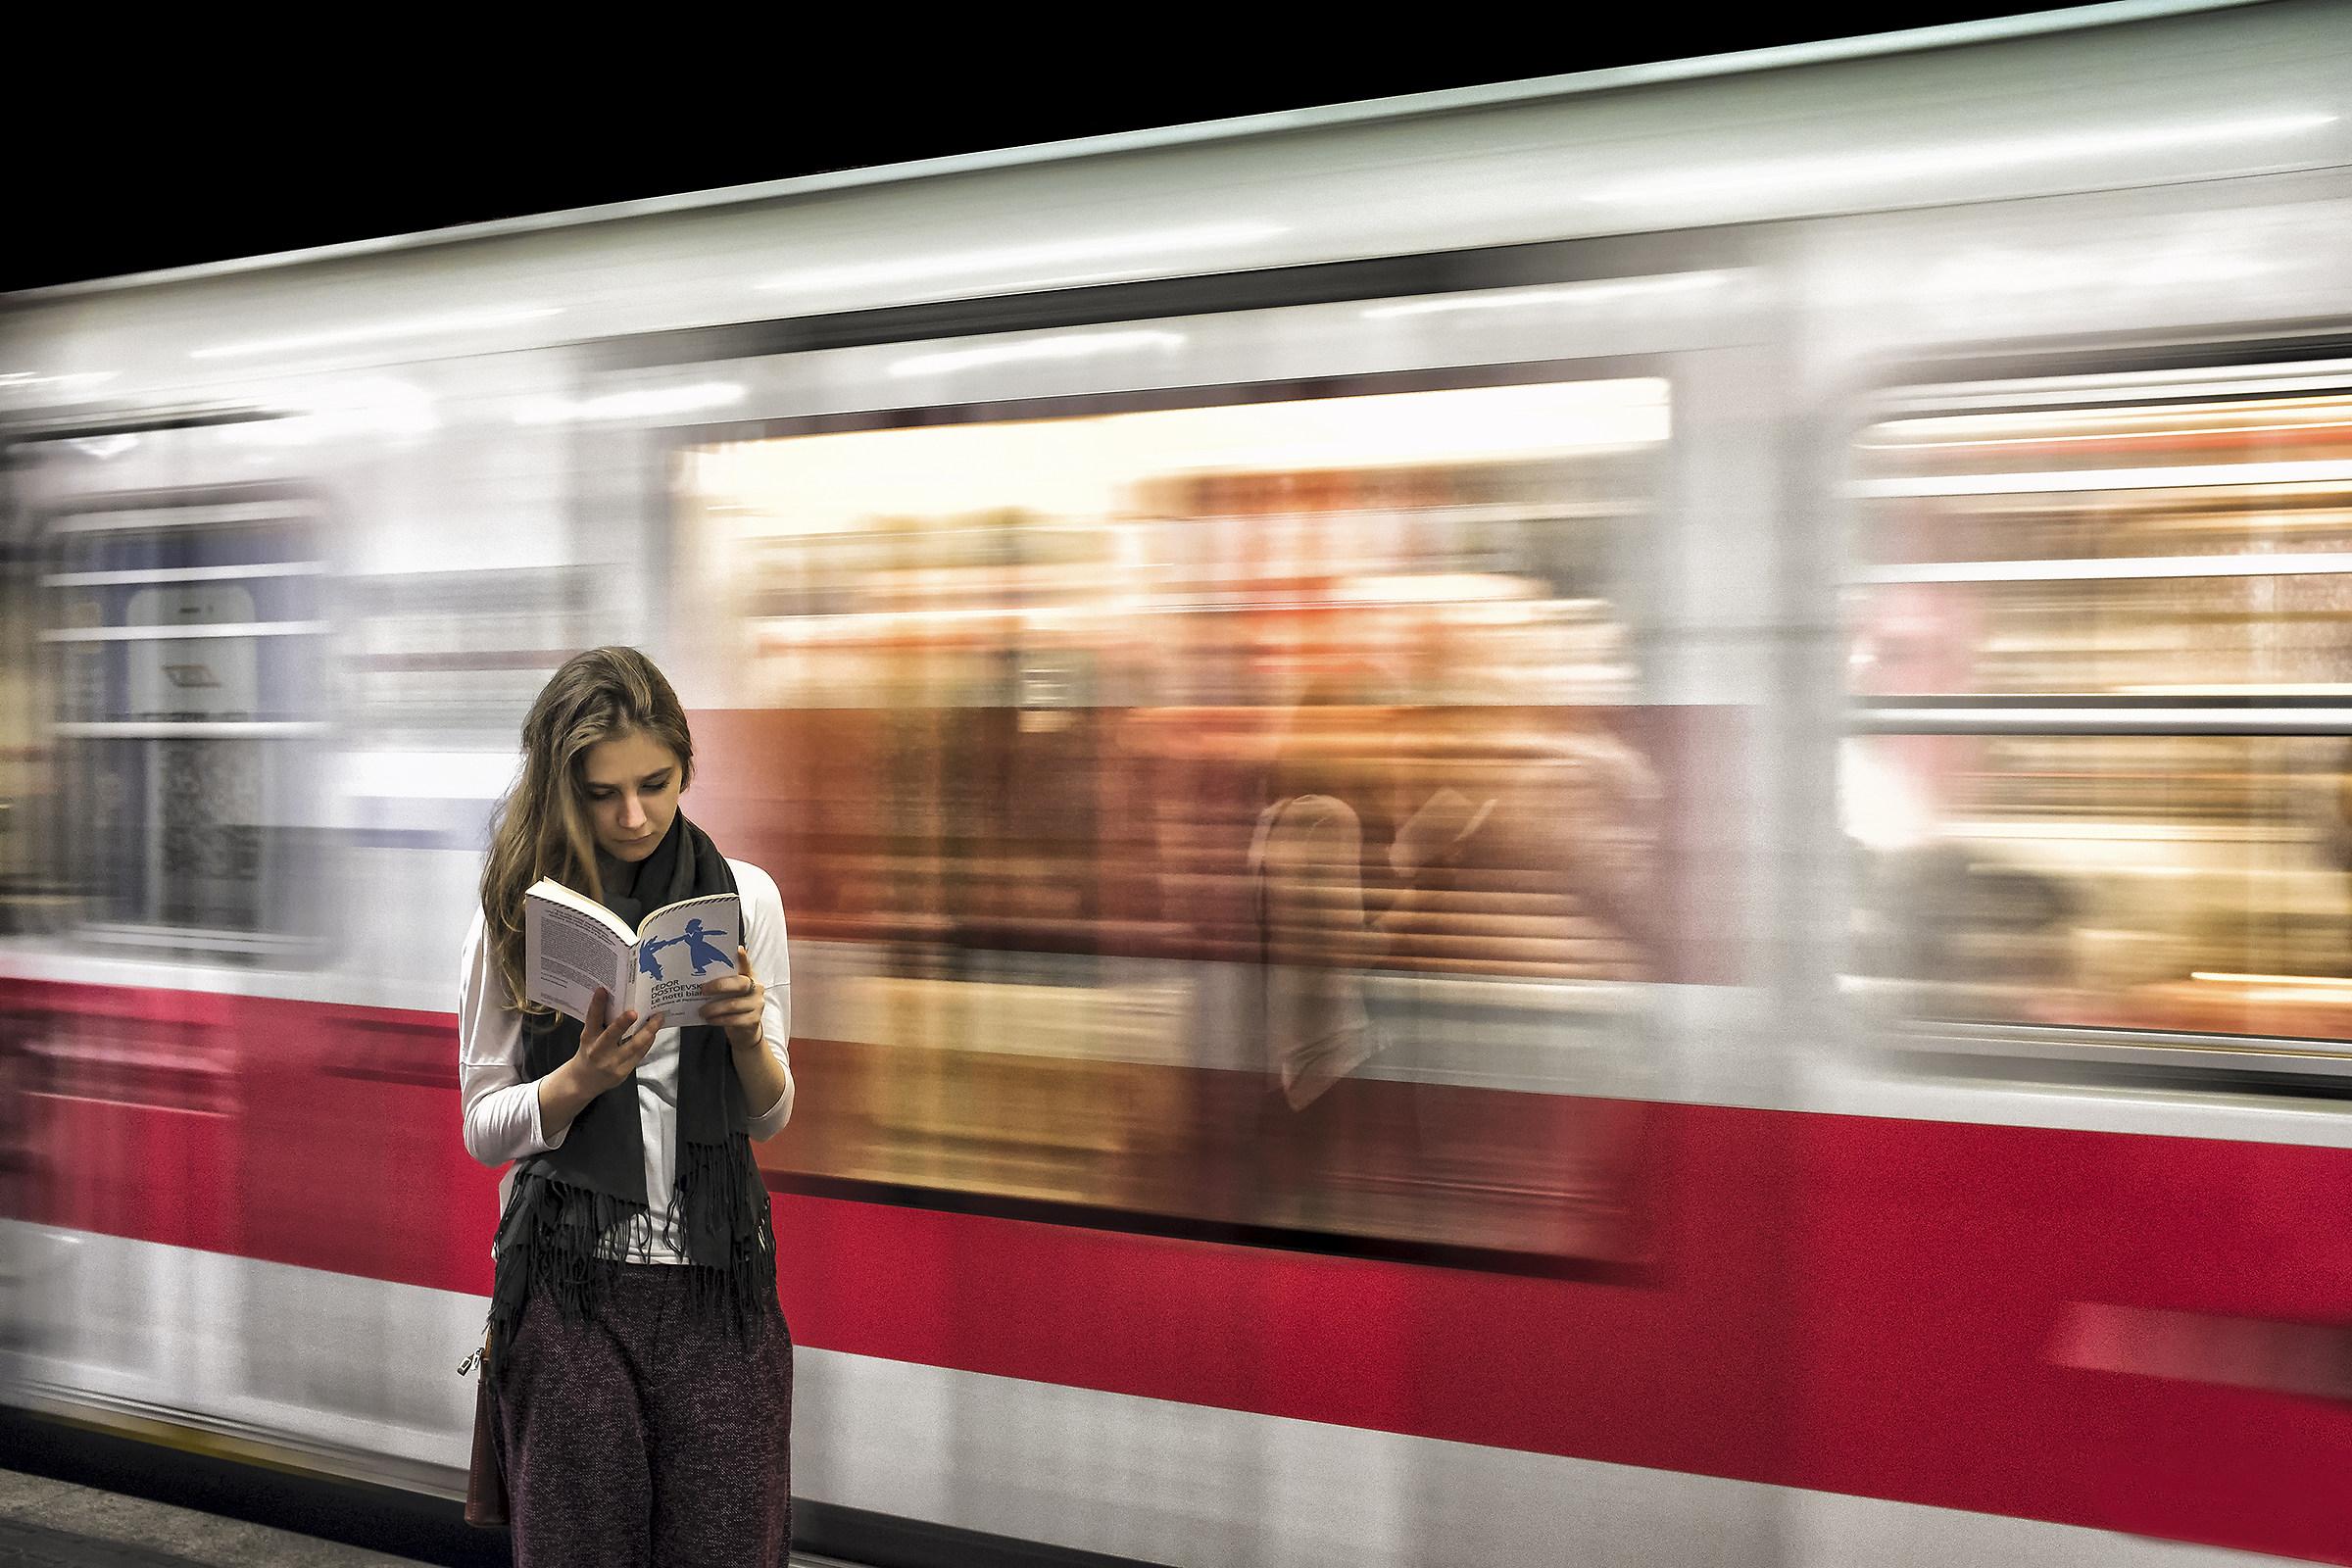 Metropilitane Readings...